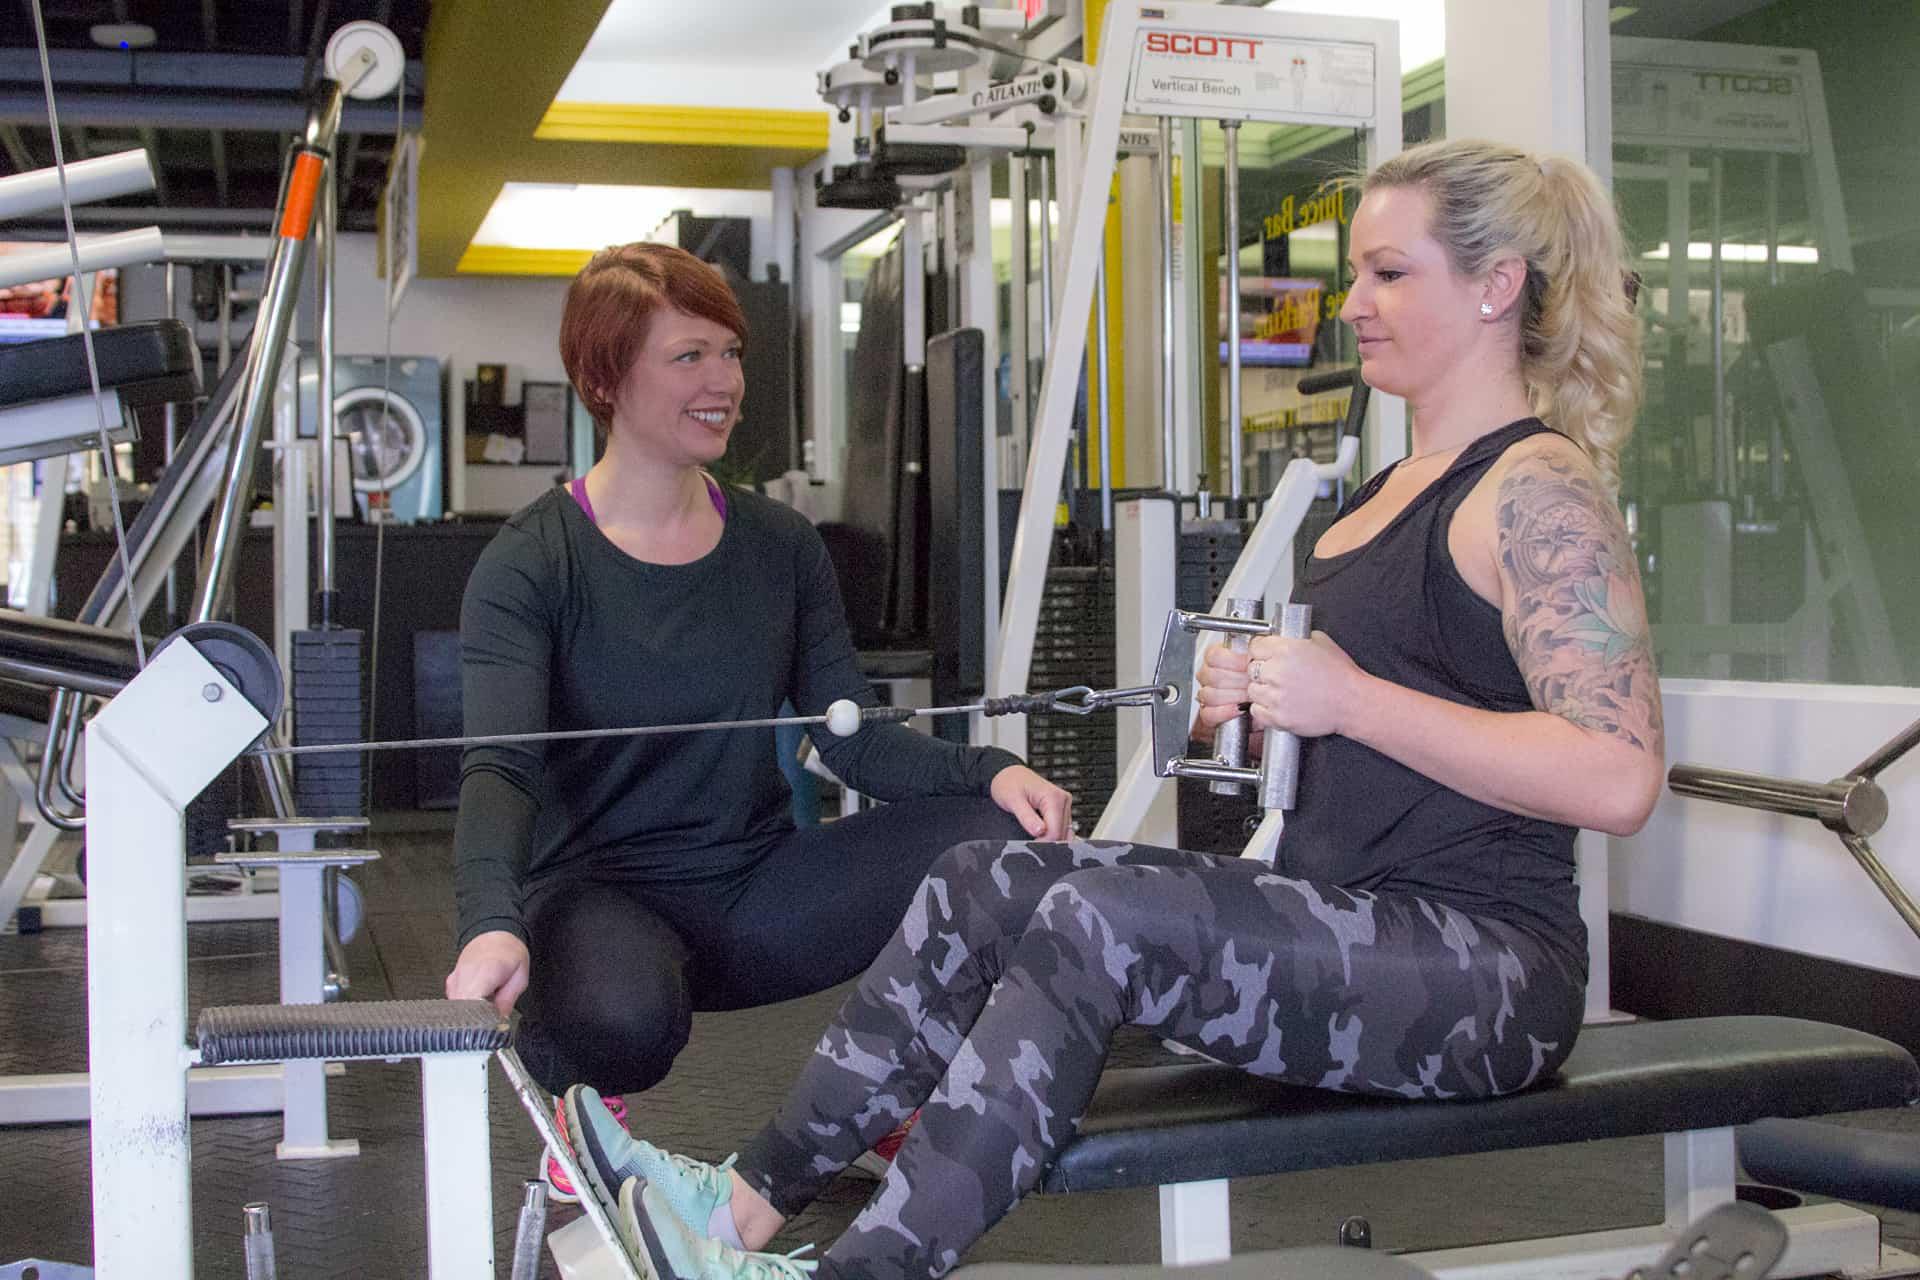 personal trainer row machine.jpg